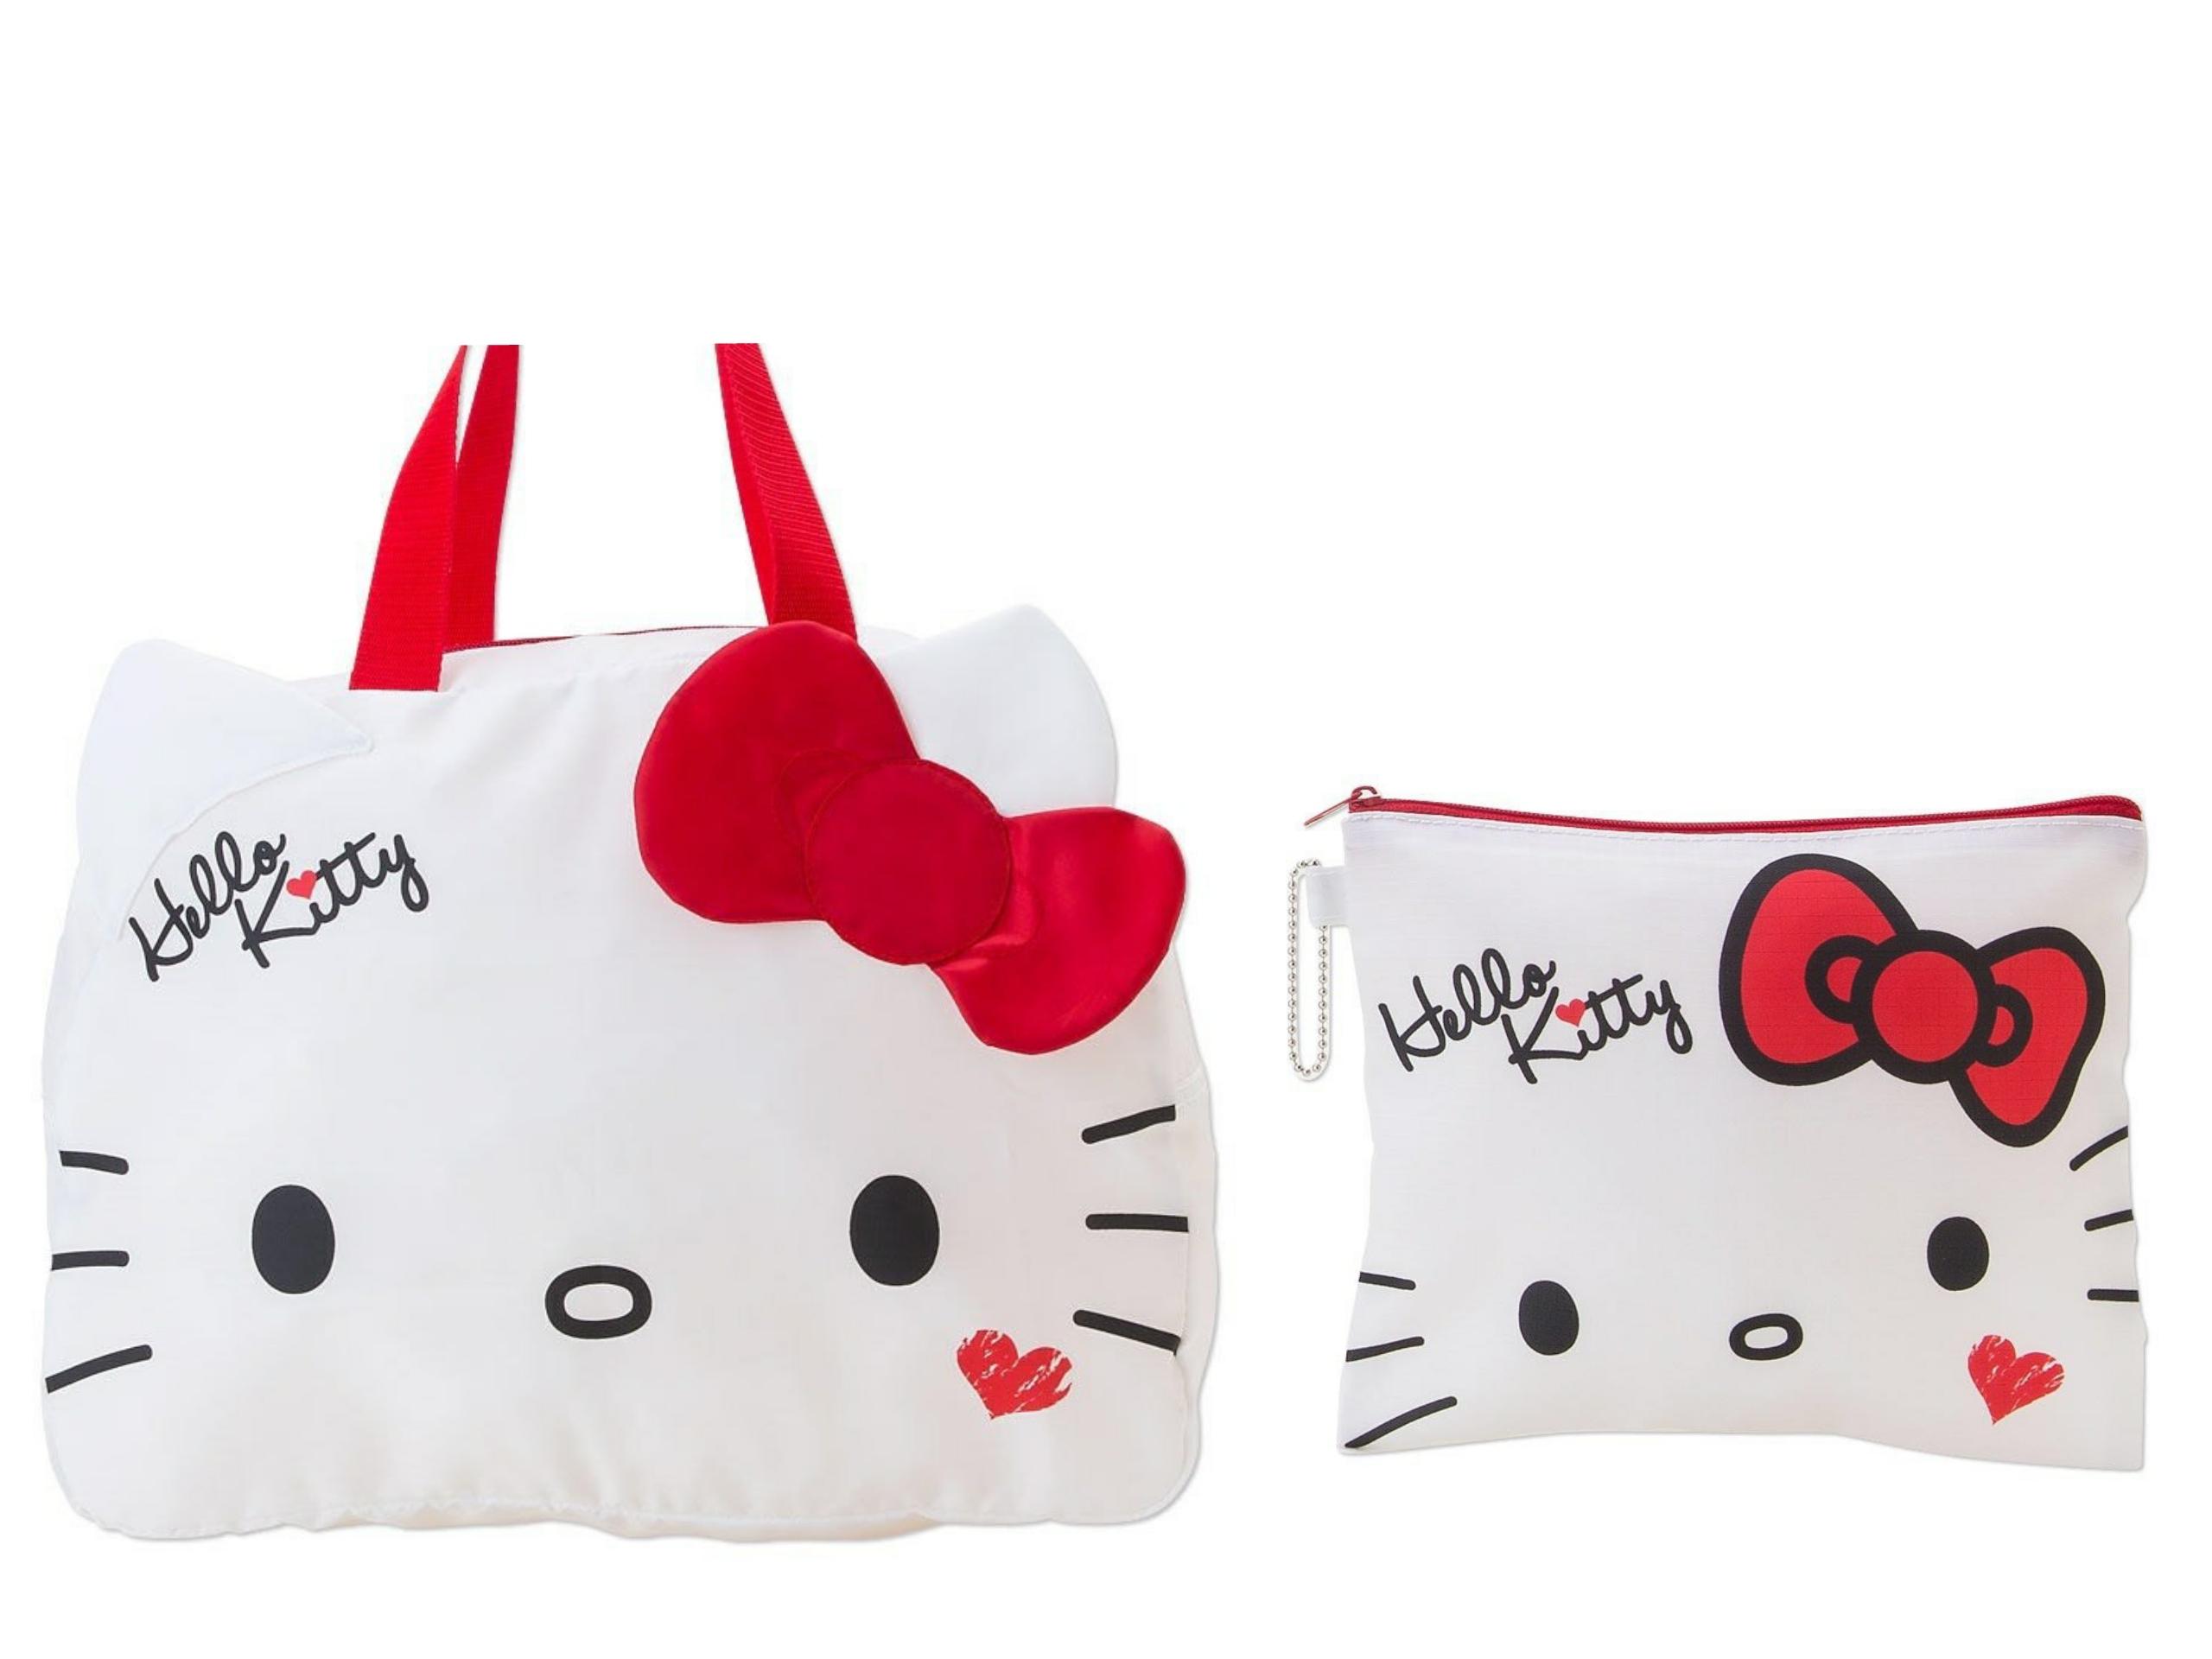 พร้อมส่งค่ะ :: กระเป๋าถือเดินทาง ขนาด 38*28 CM Hello kitty